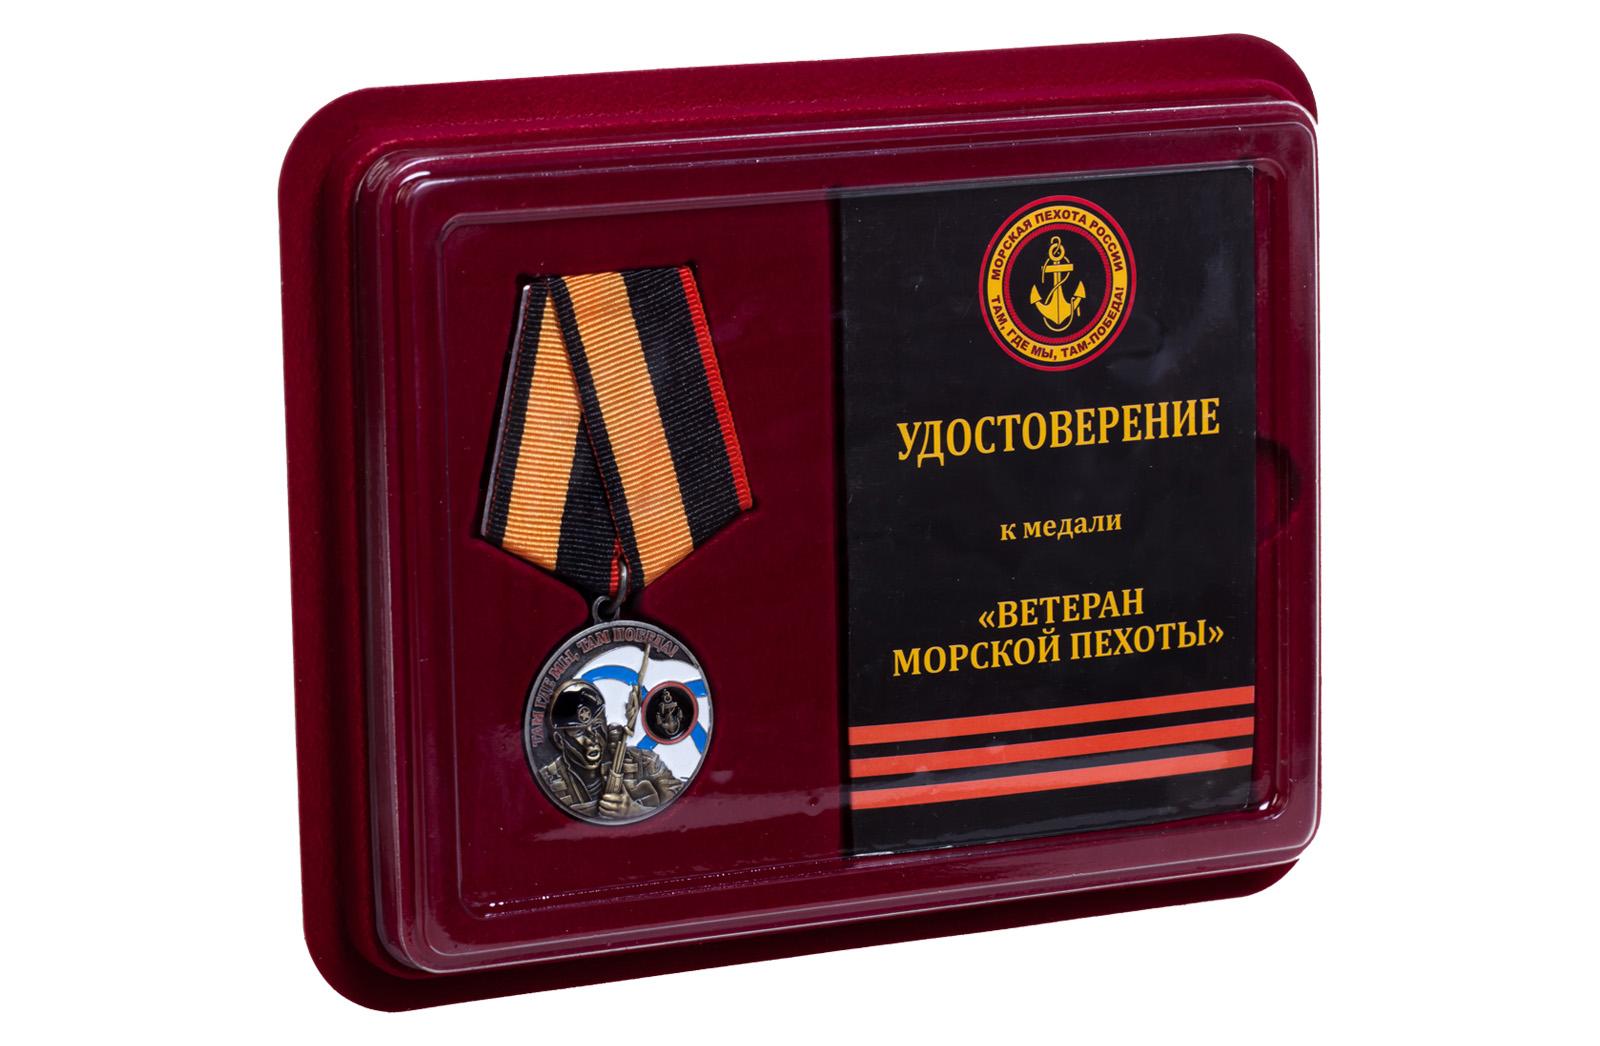 Купить медаль Ветерану Морской пехоты по экономичной цене